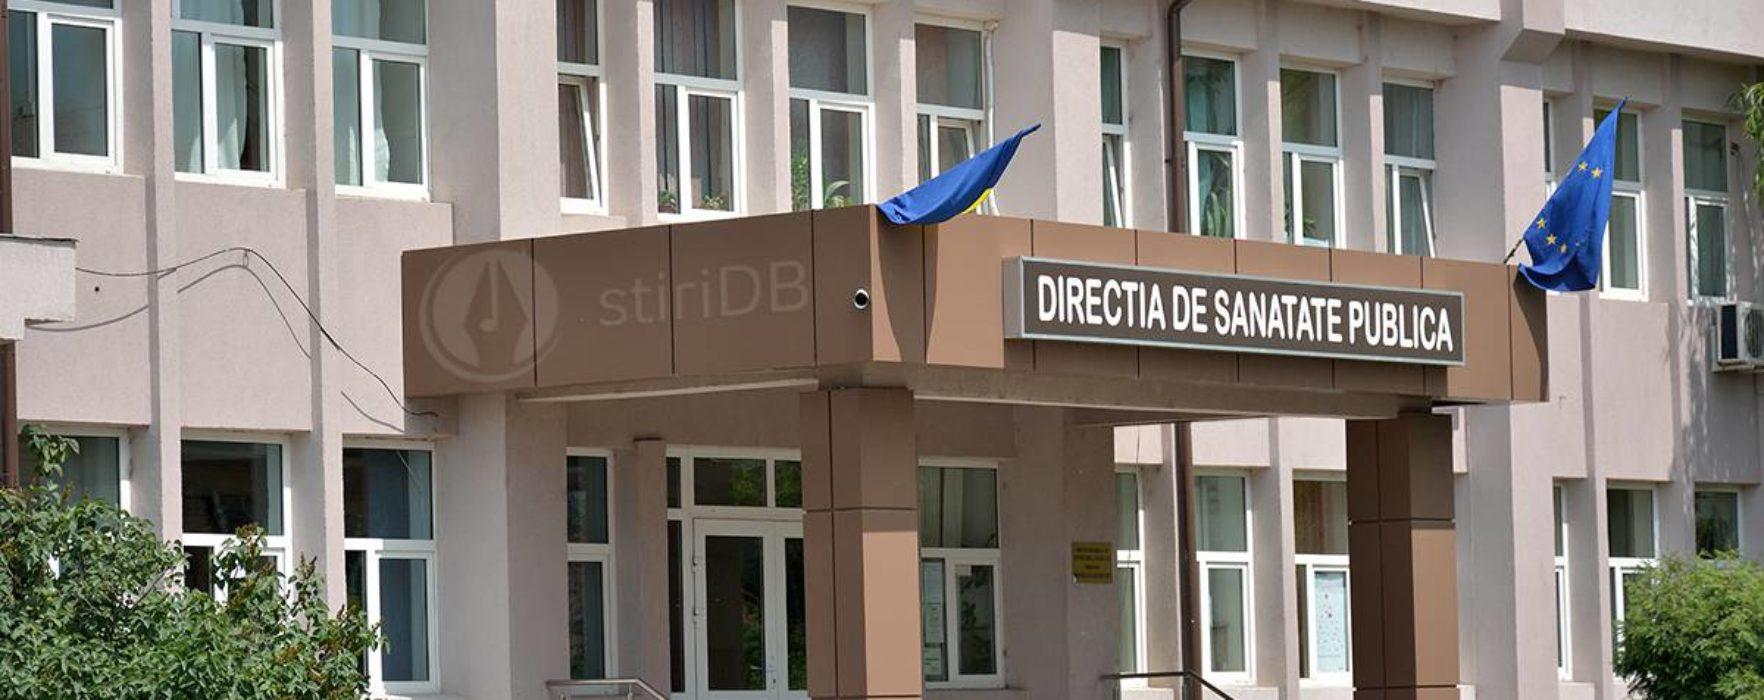 DSP Dâmboviţa: S-a trimis control la Găeşti, s-au vaccinat doar cei din categoria eligibilă